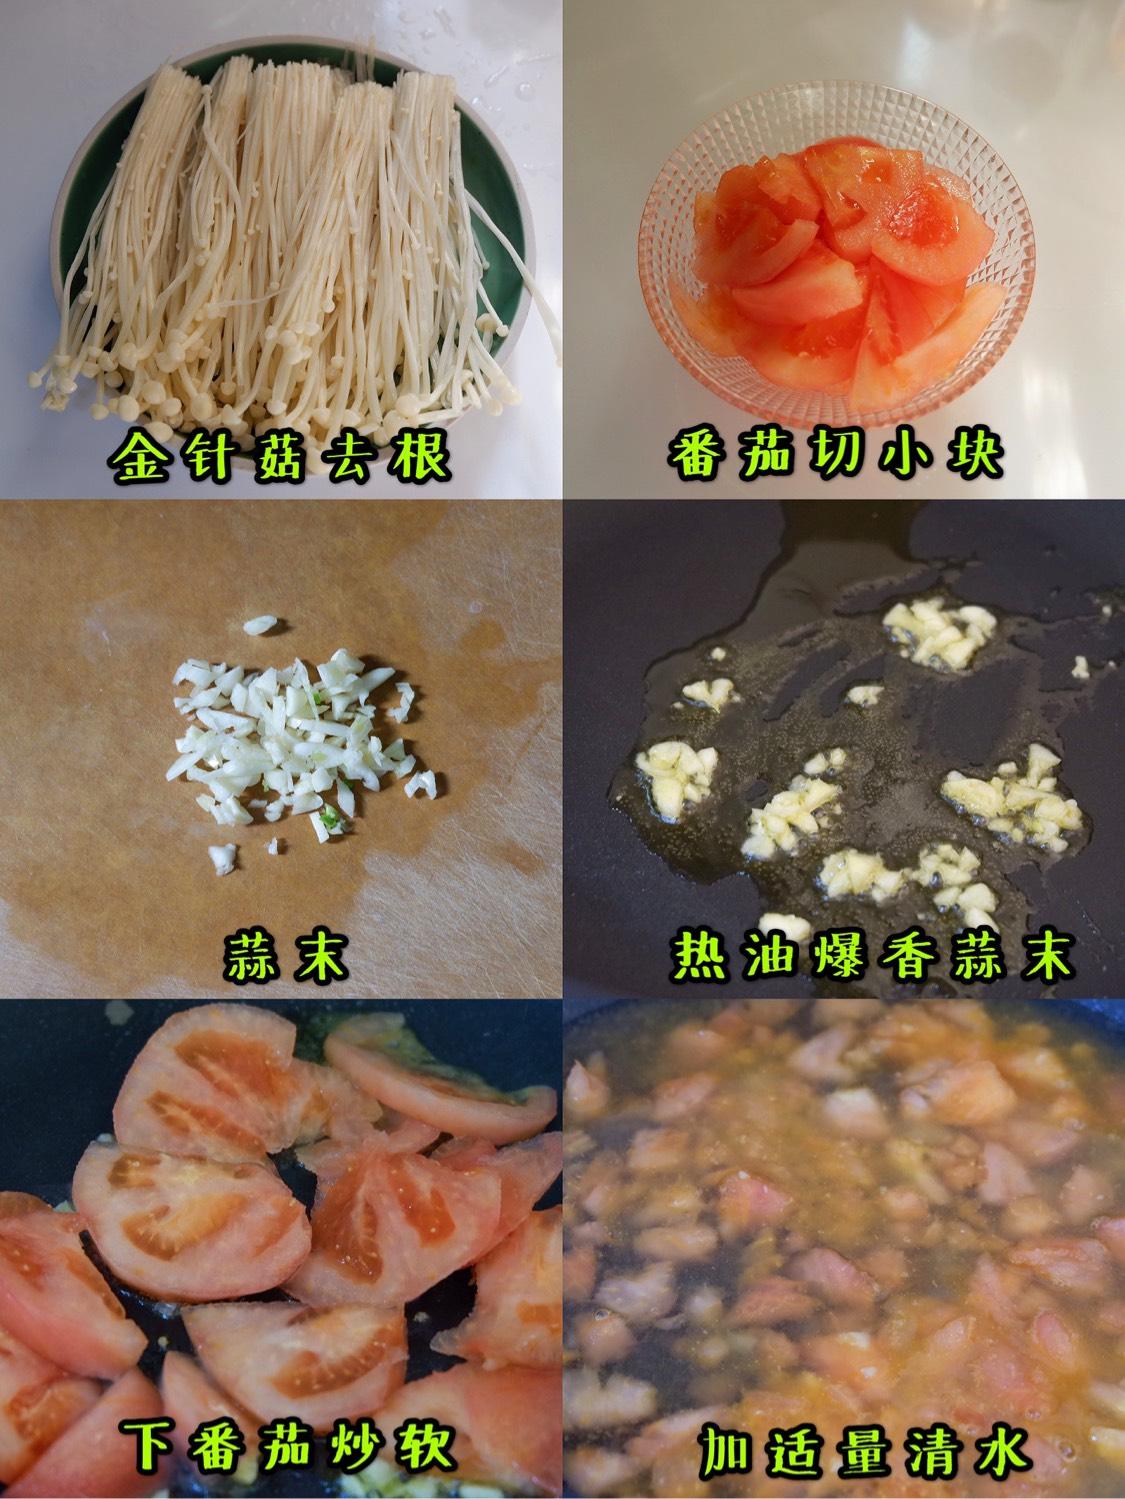 金针菇去根洗净,番茄切小块,蒜切末 起锅热油炒香蒜末,加入番茄炒软,倒入适量清水